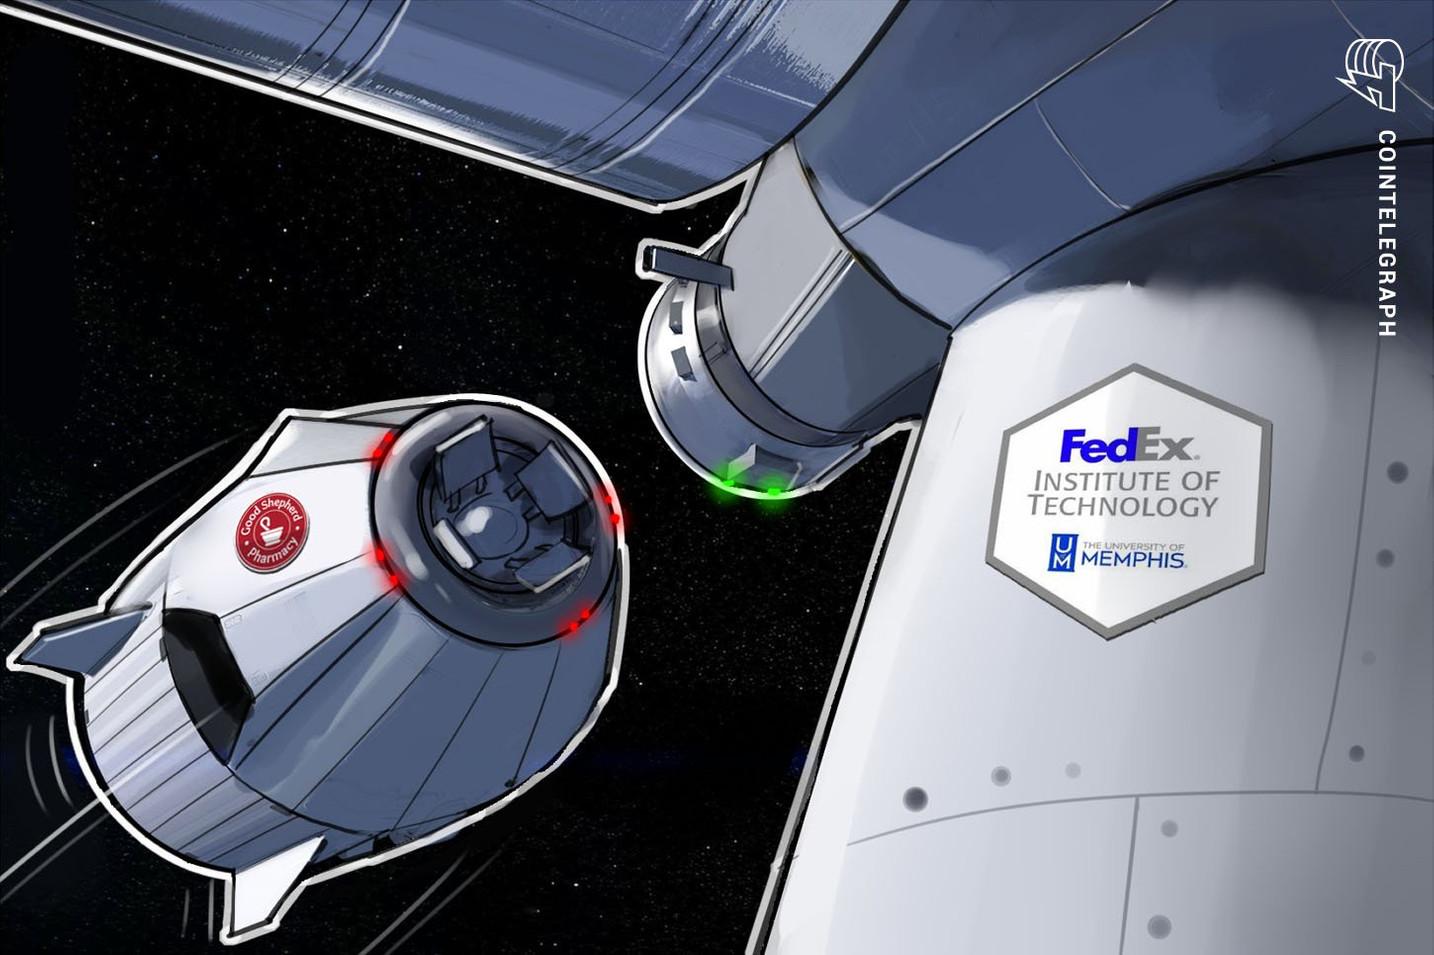 Fedex institut postaje partner sa farmaceutskom kompanijom, koristiće blokčein za distribucaju lekova za lečenje od raka